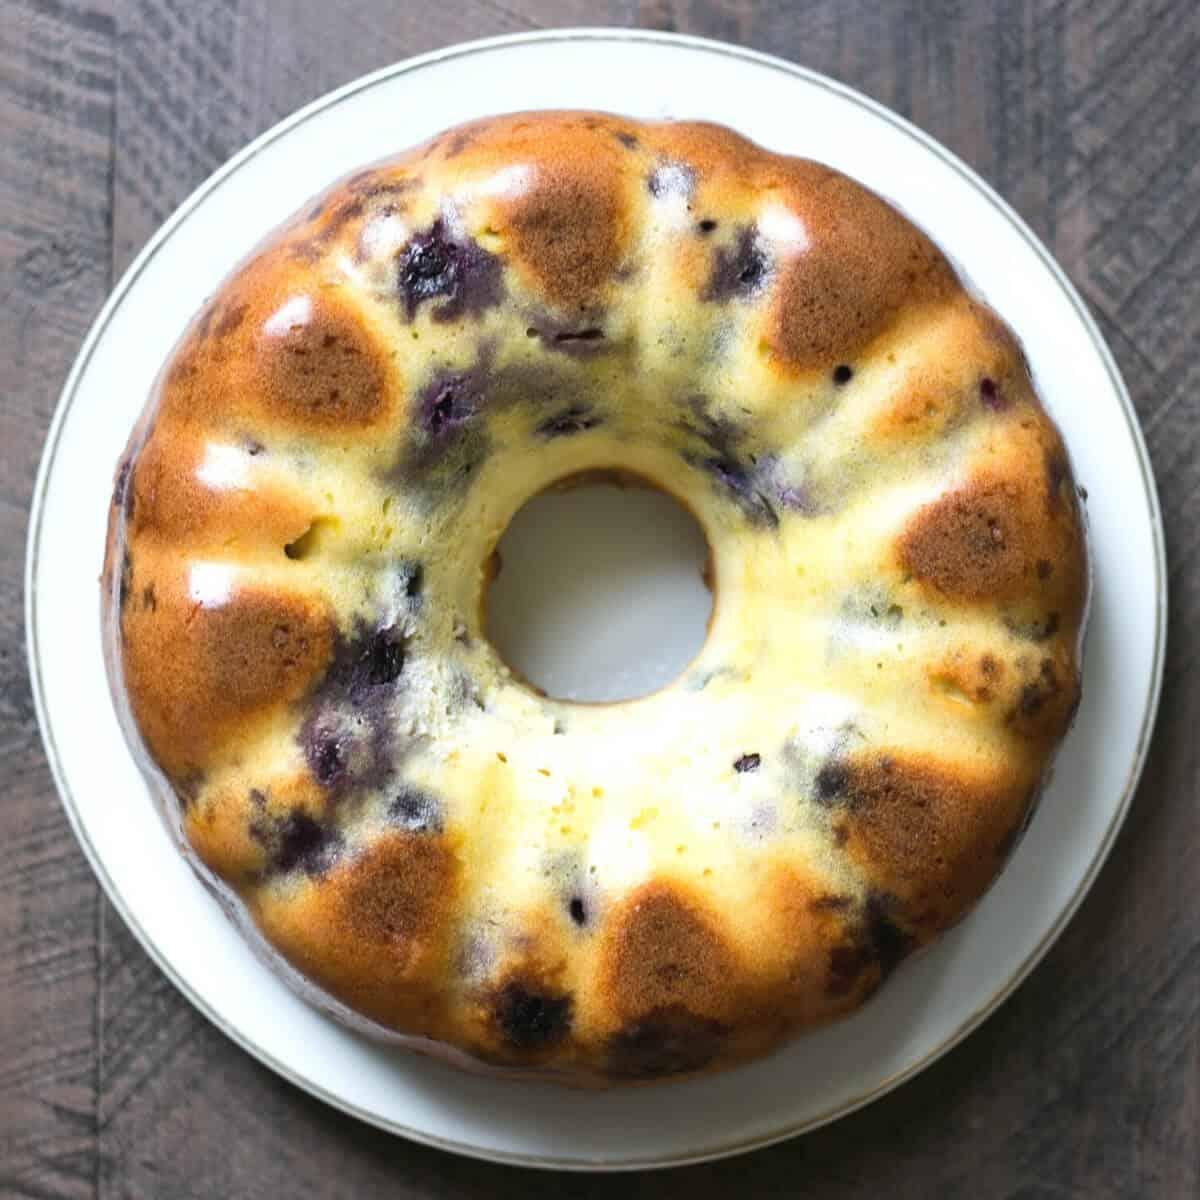 lemon blueberry pound cake baked